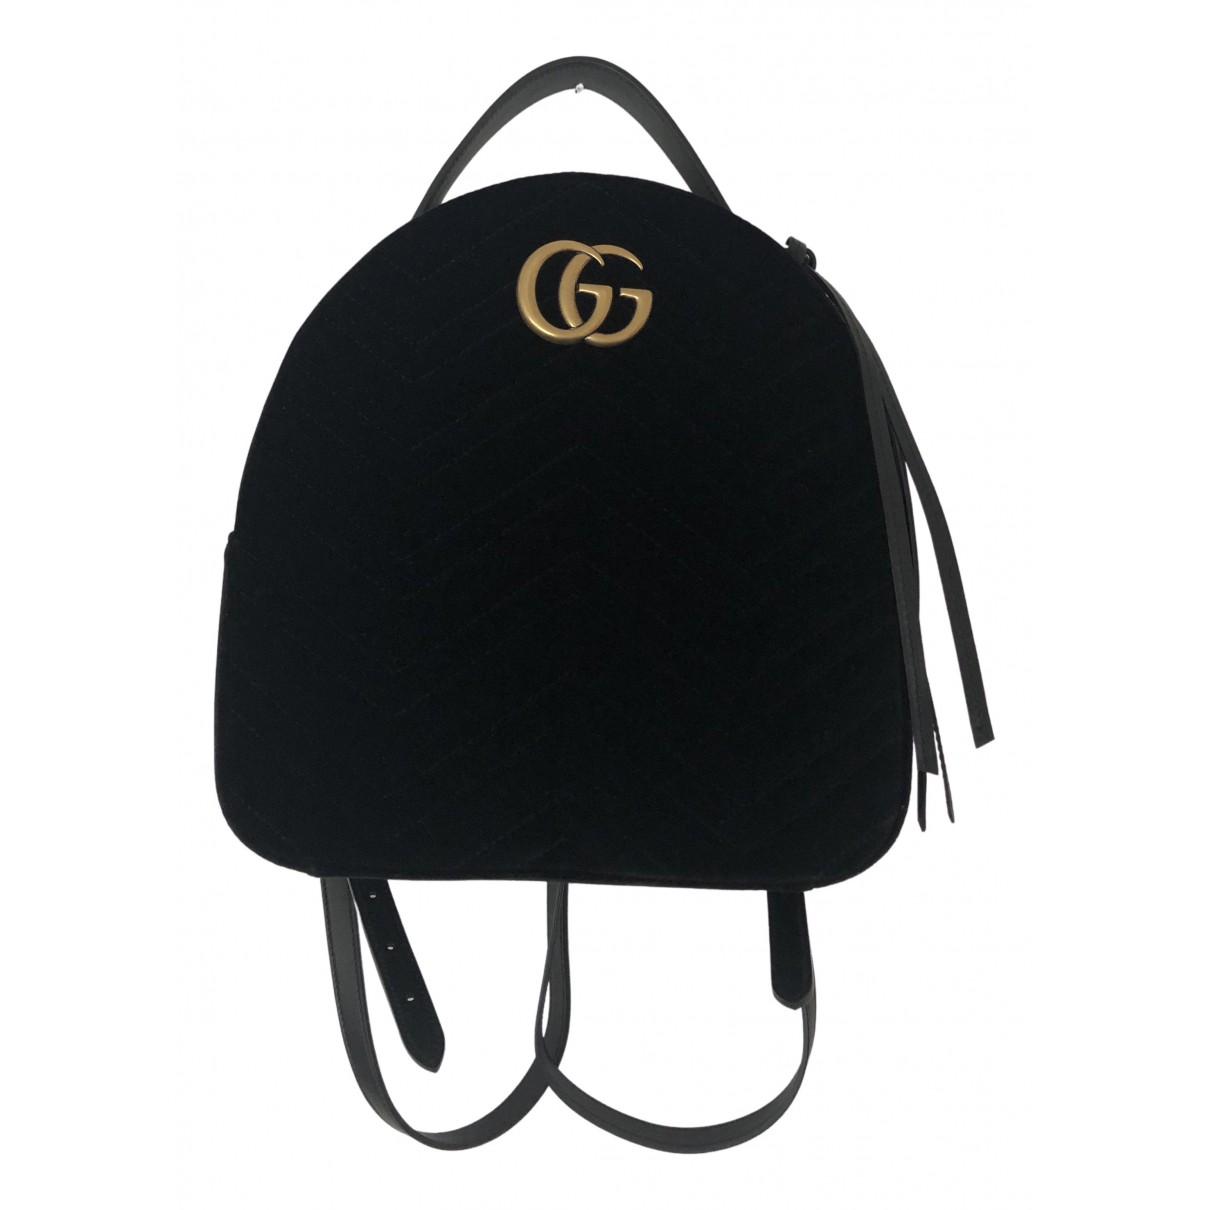 Mochila Marmont de Terciopelo Gucci